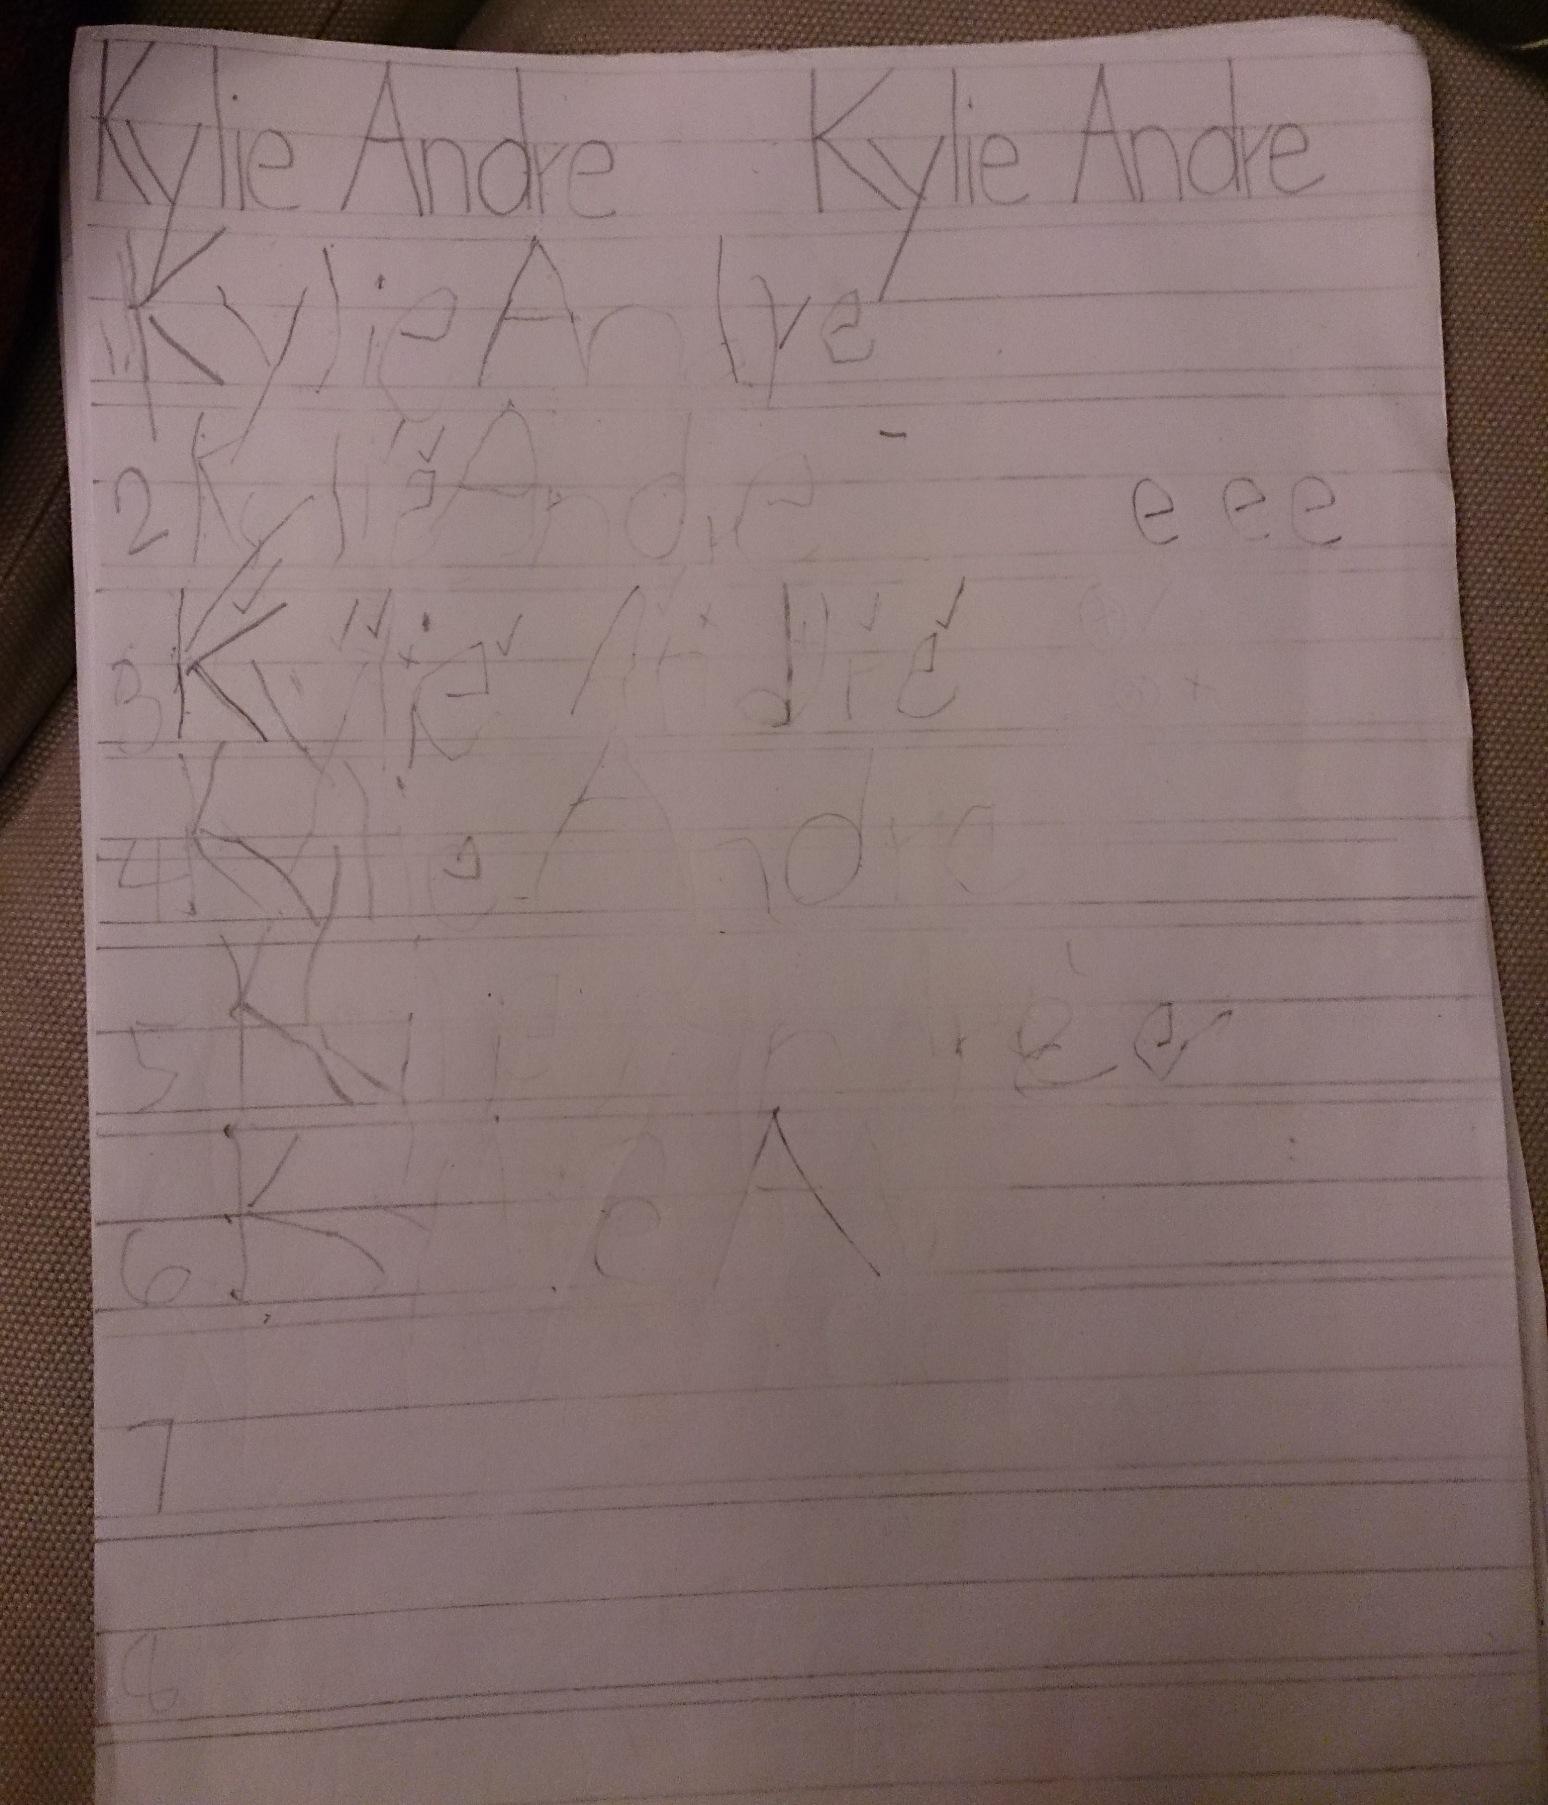 Première page d'écriture